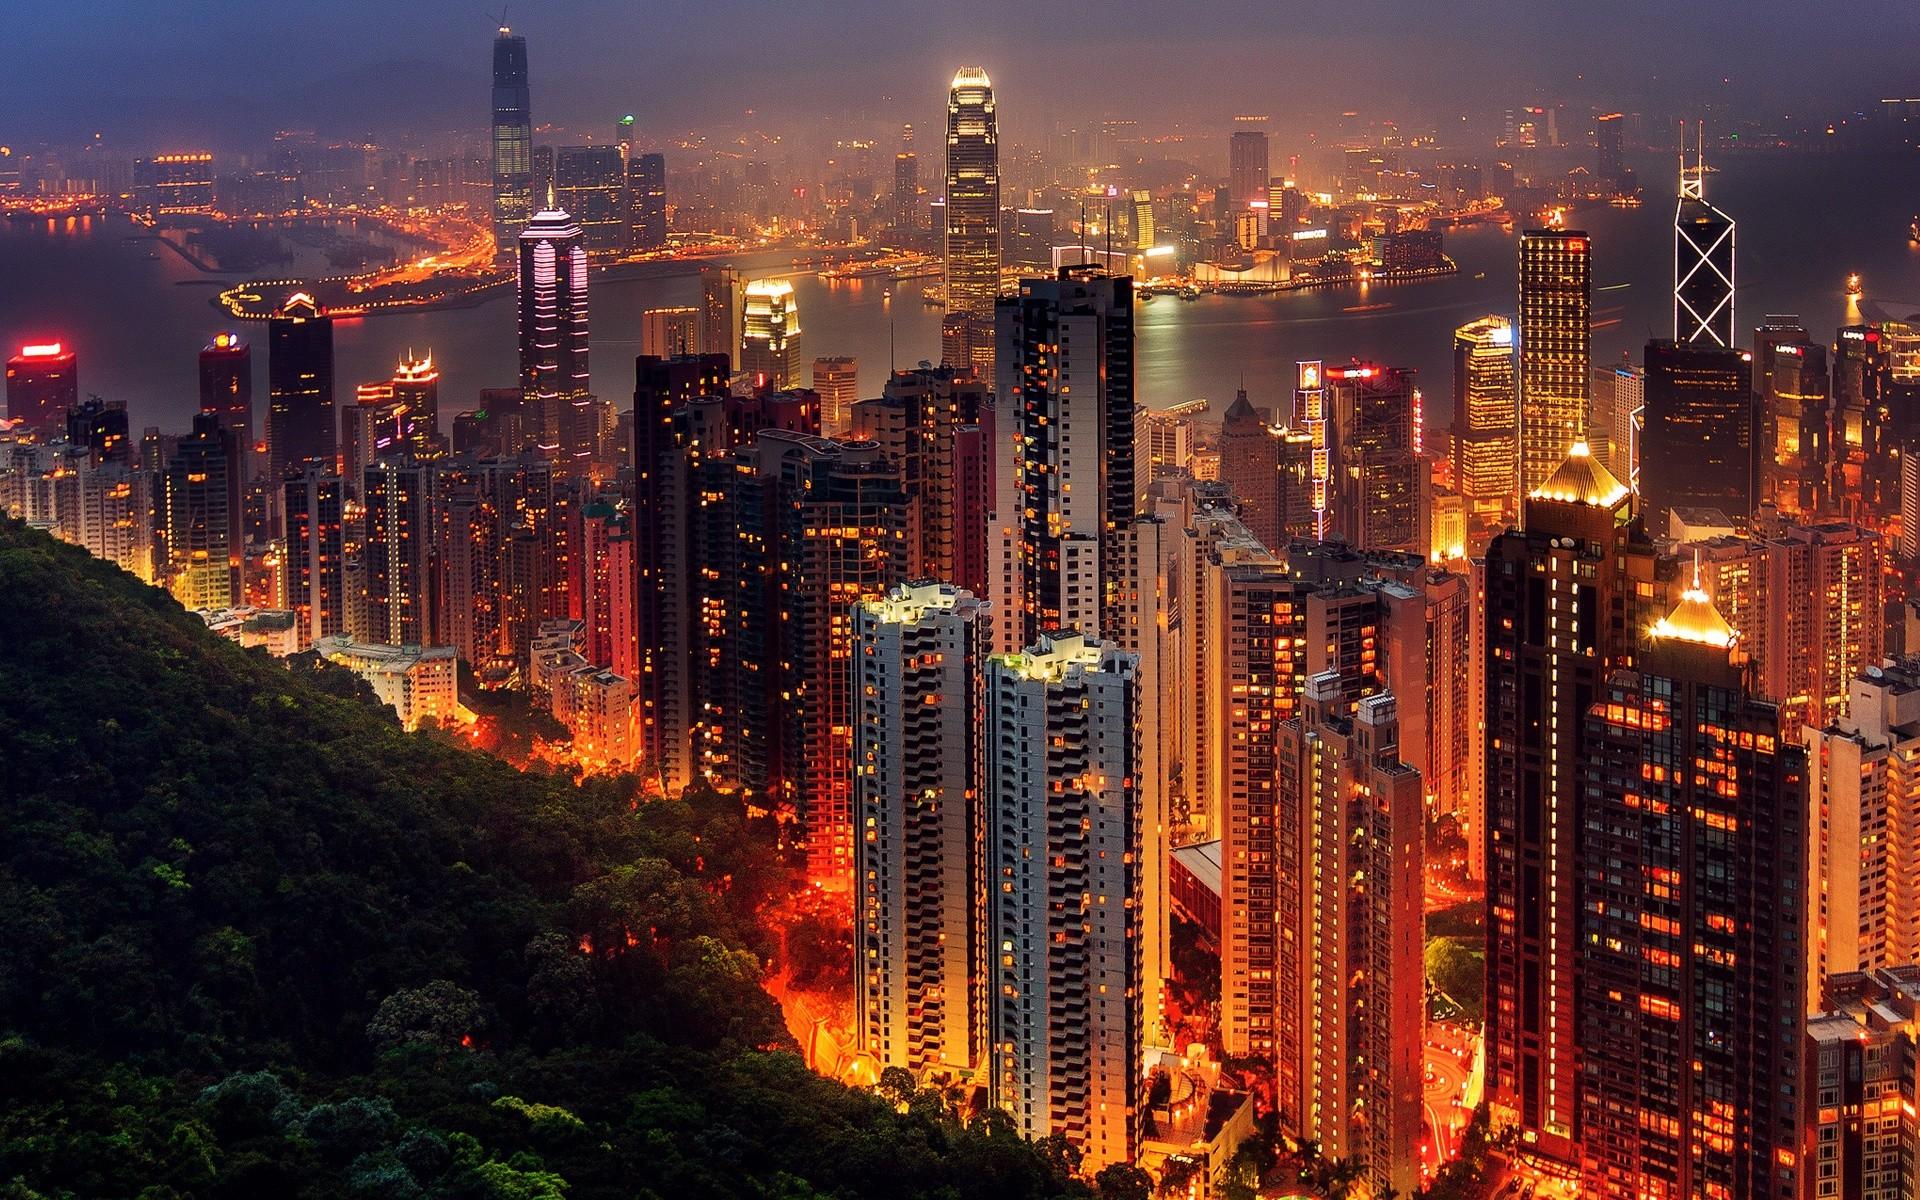 Free Hong Kong phone wallpaper by sina221988